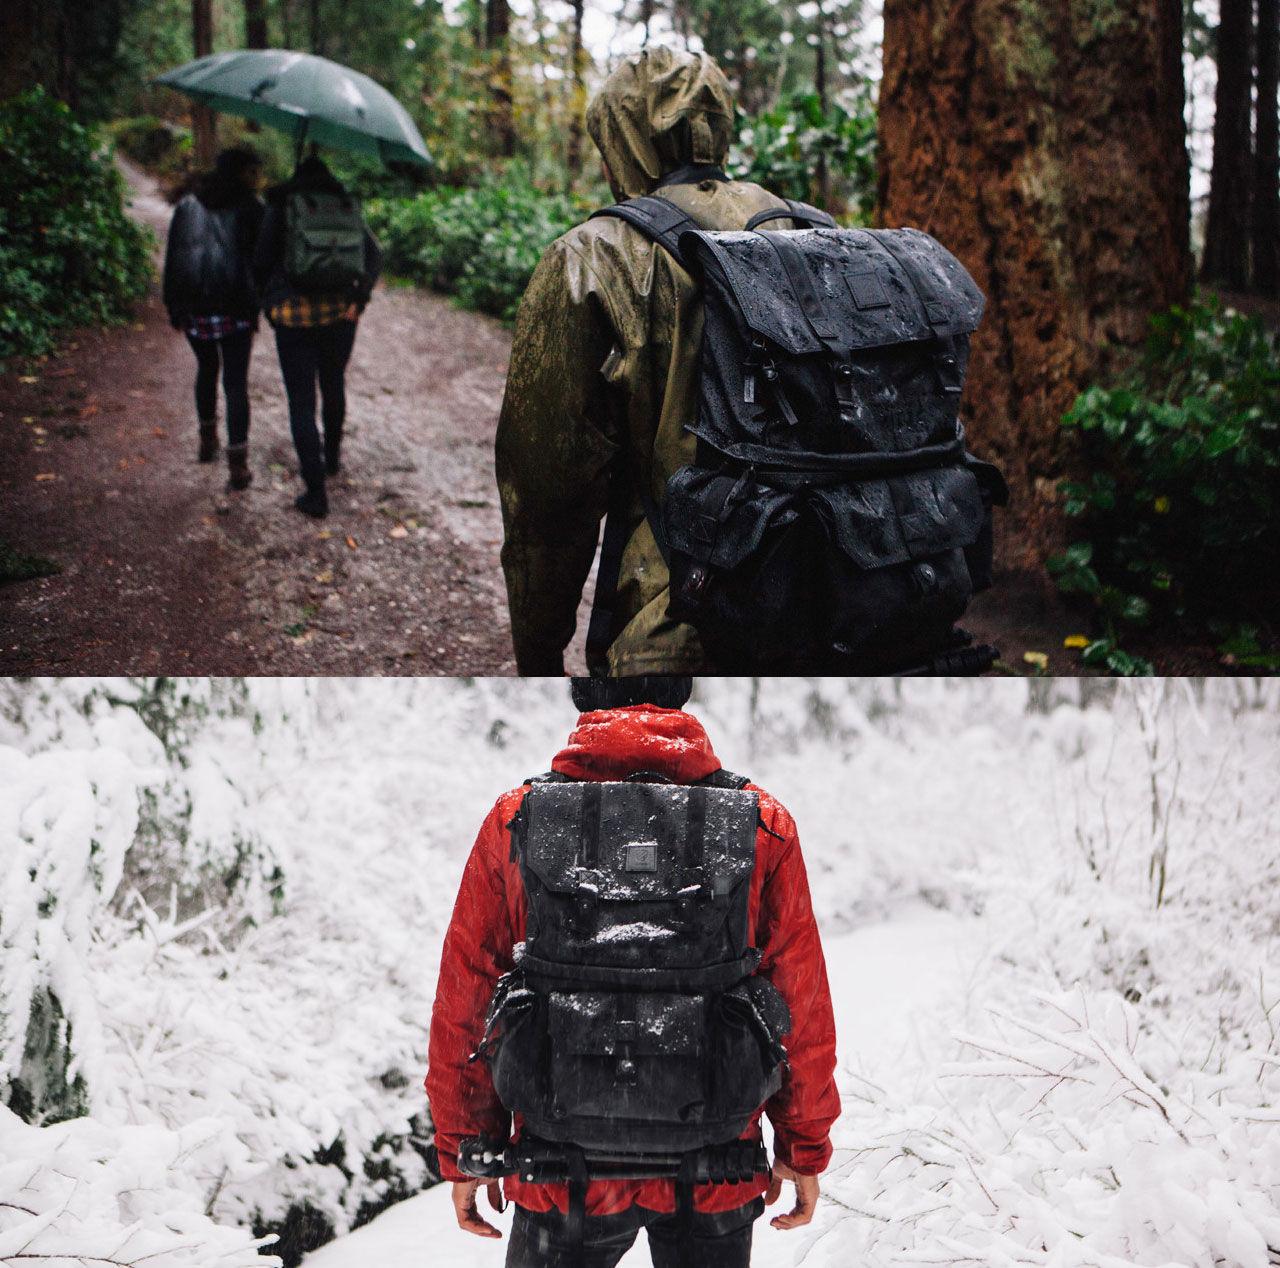 Stor och snygg ryggsäck för kameran